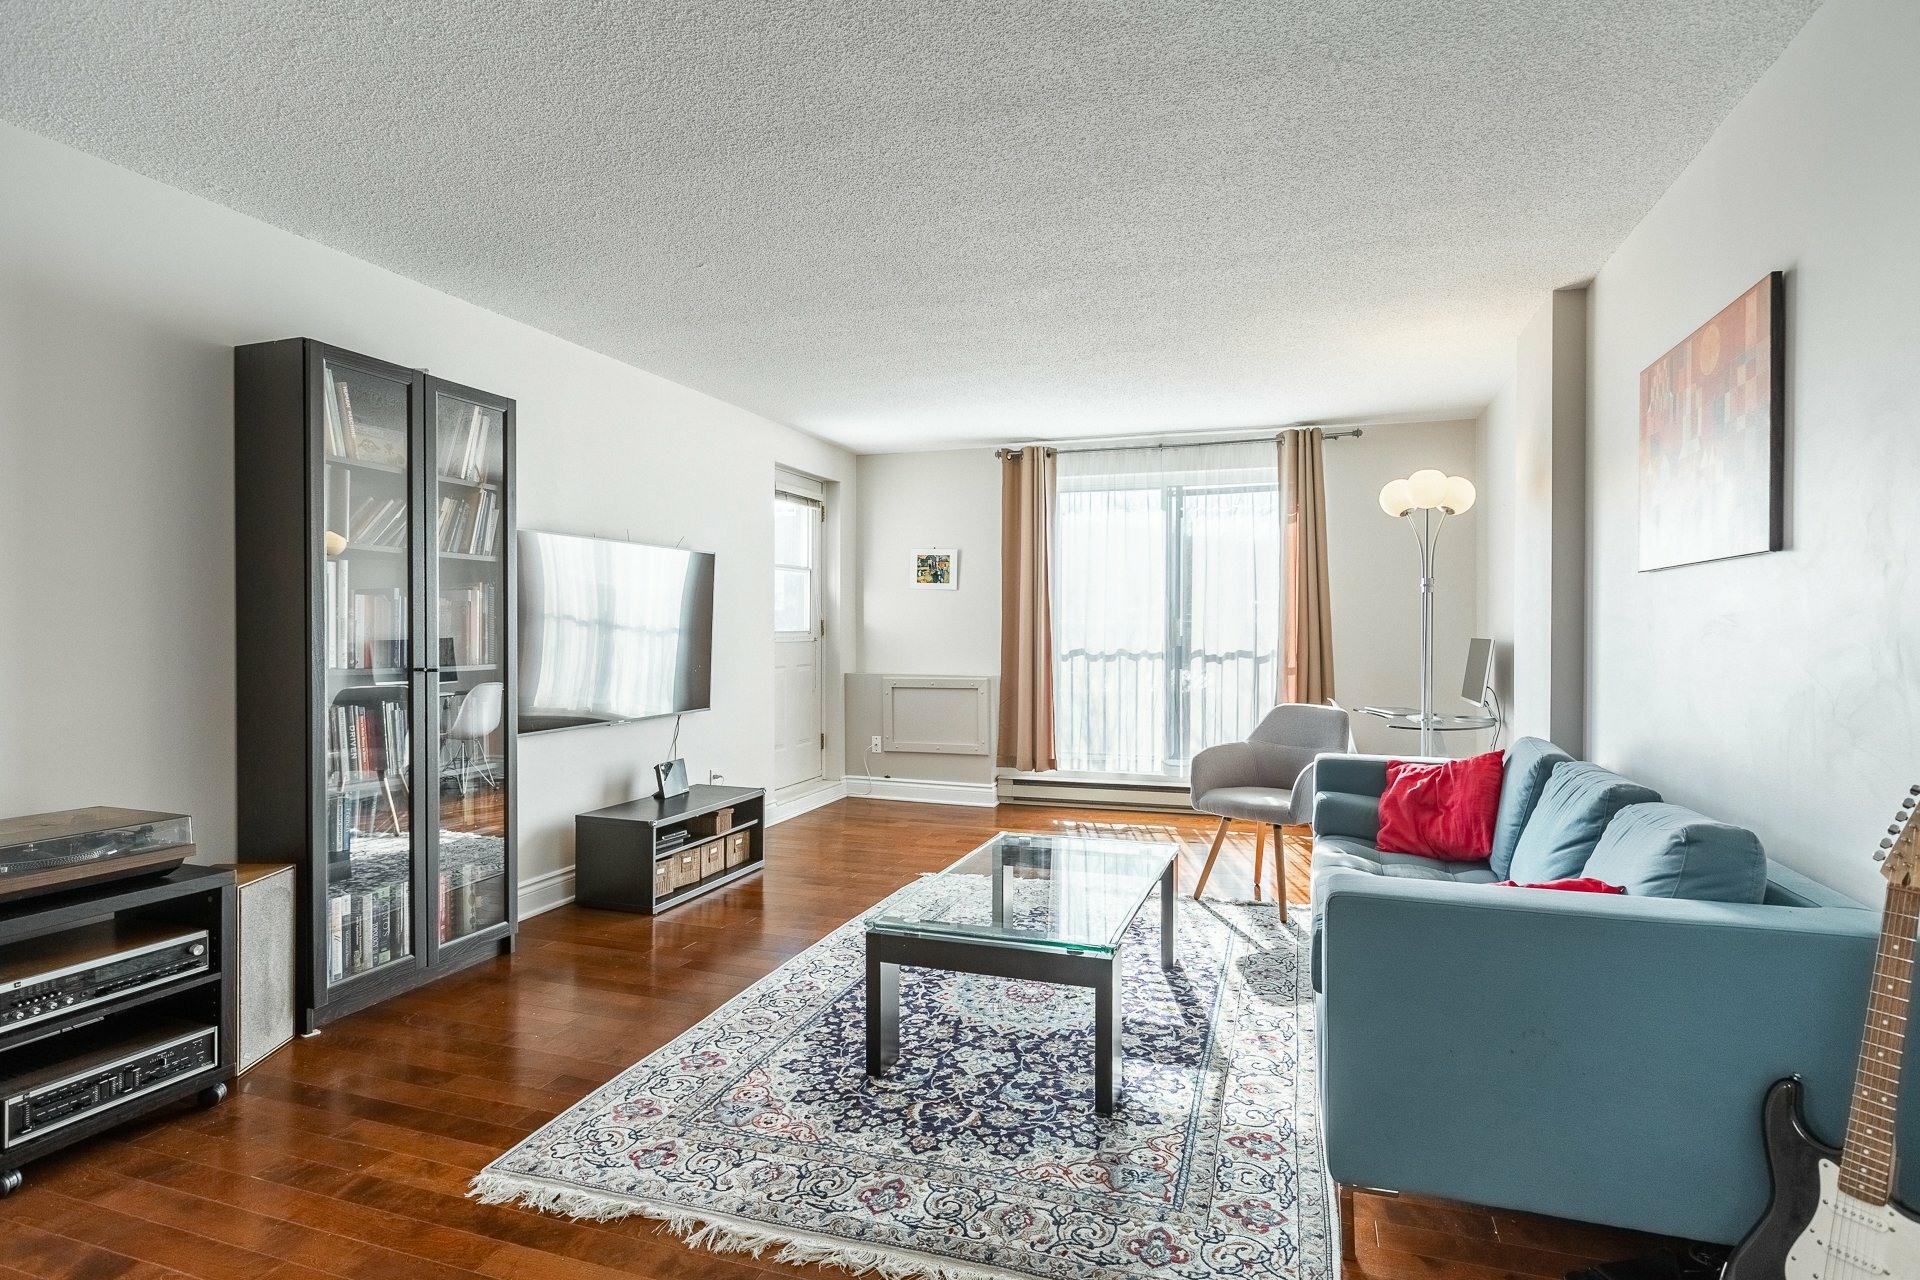 image 2 - Appartement À vendre Montréal Le Plateau-Mont-Royal  - 8 pièces